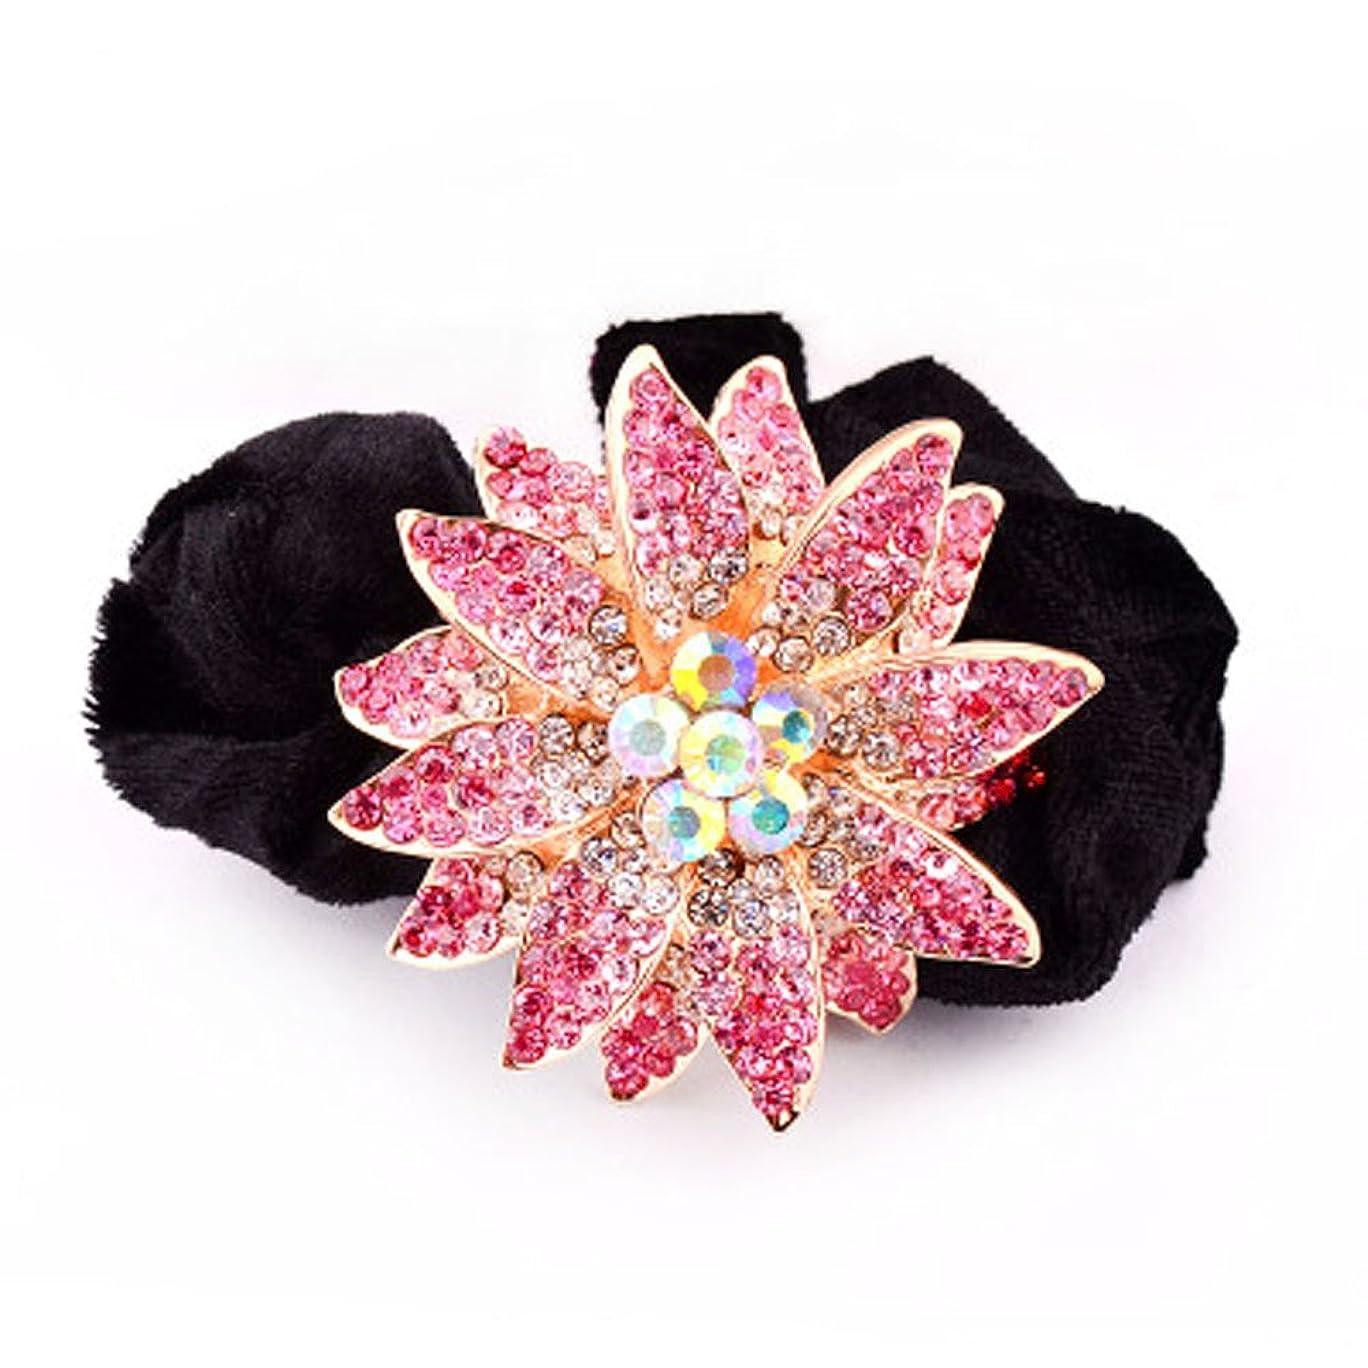 栄光の顔料重々しいハイグレードのベルベットリングクリスタルダイヤモンドヘアアクセサリー - ピンクの花